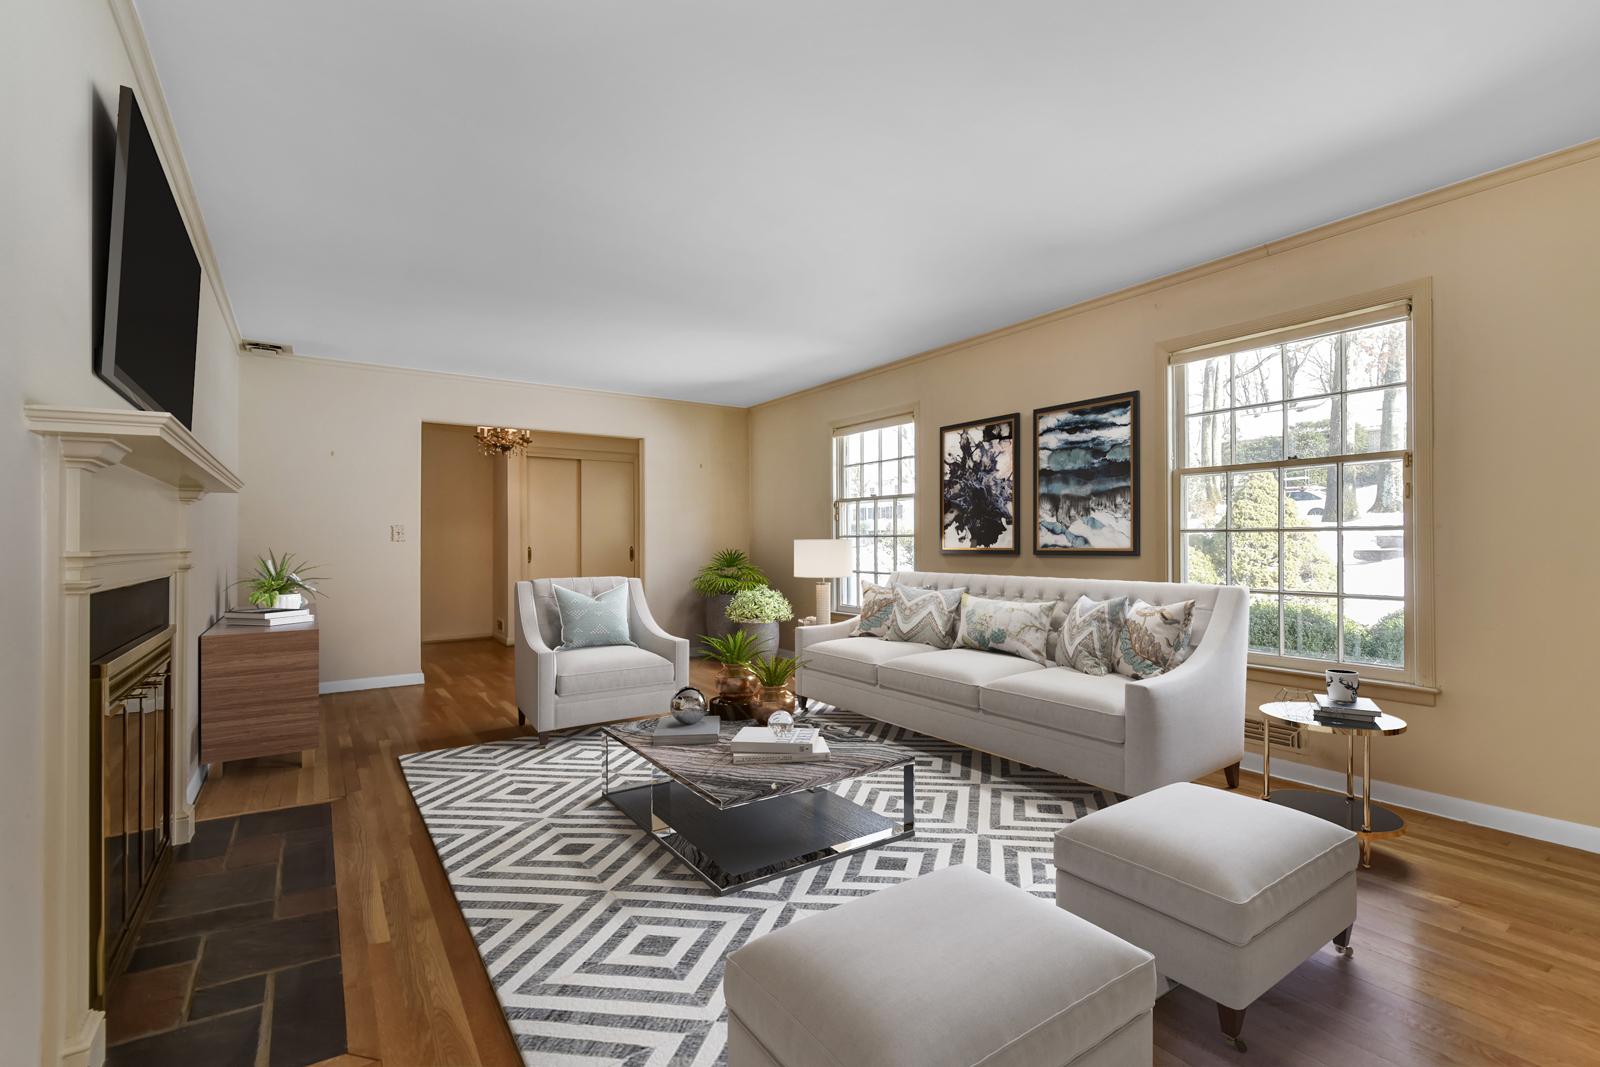 2. 12 Barry Lane Living Room